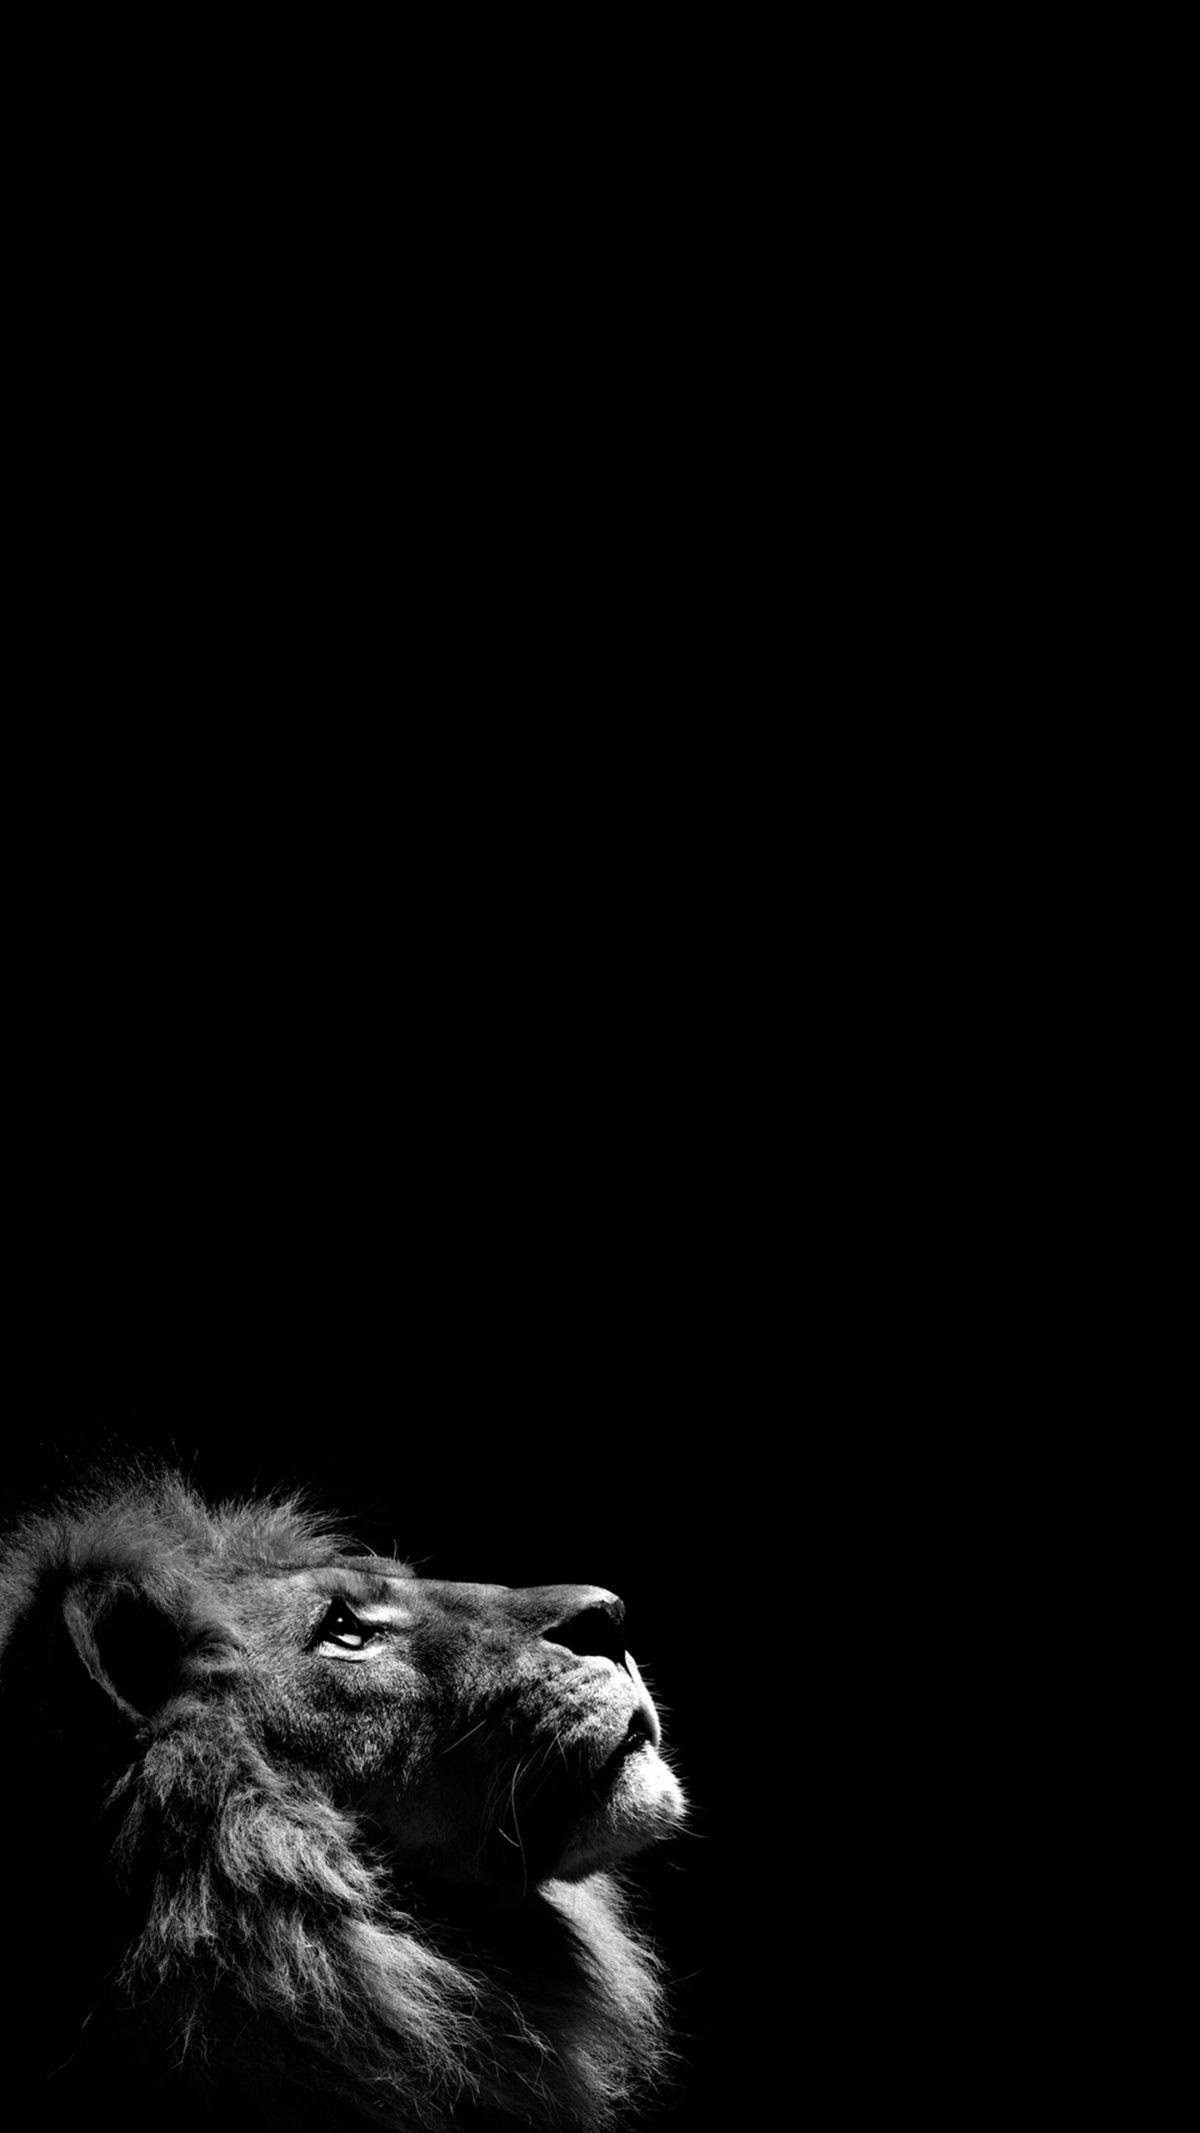 Black Wallpaper Dark Quotes 2020 Di 2020 Wallpaper Bunga Anjing Wallpaper Iphone